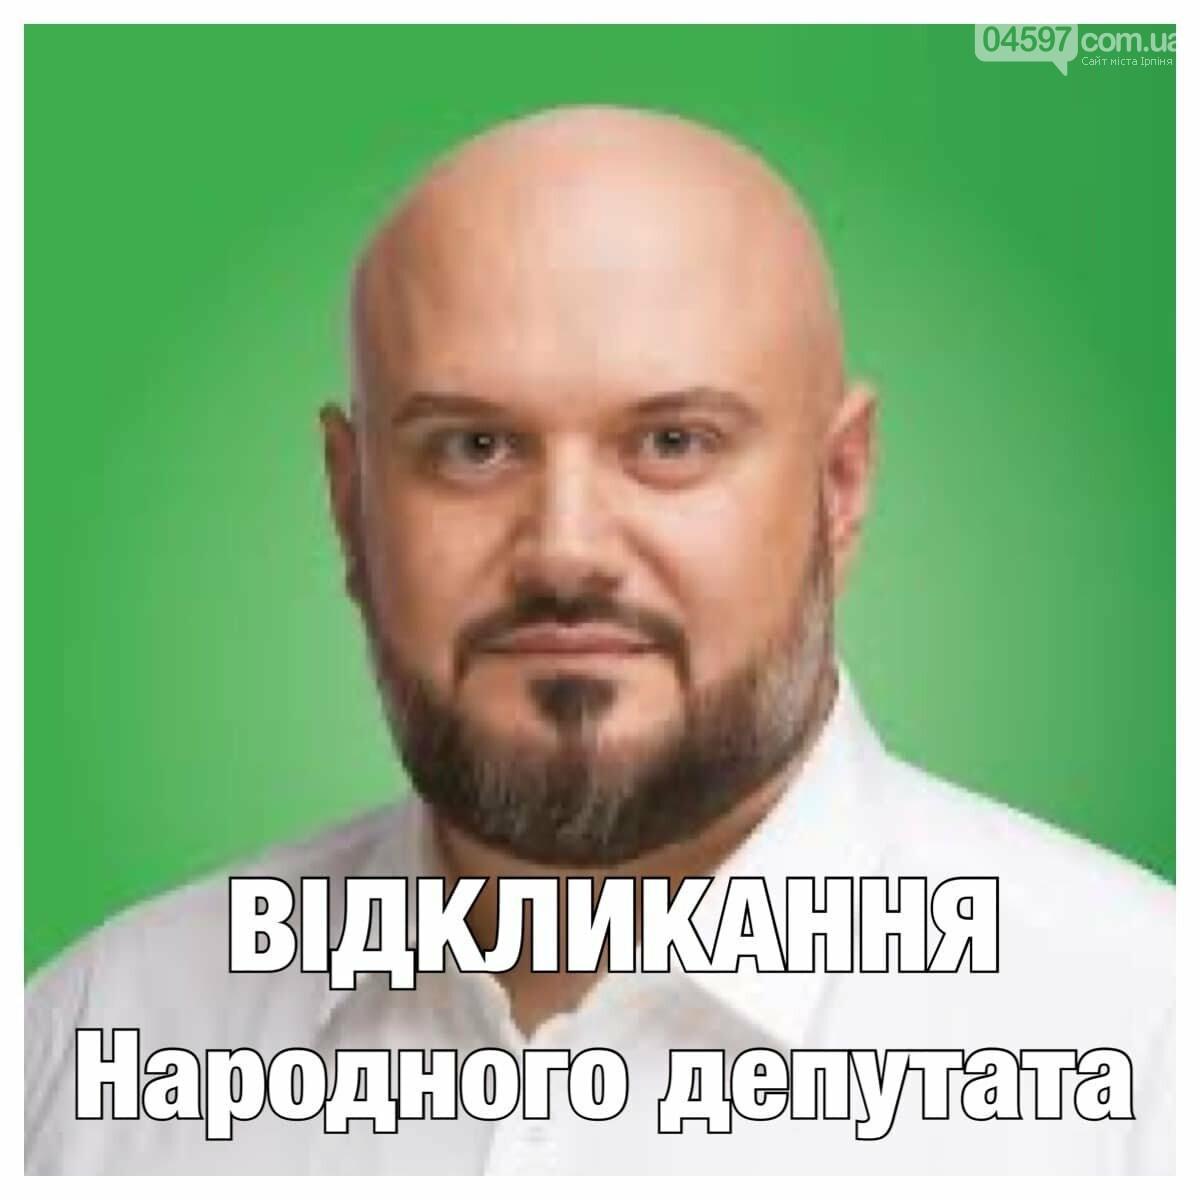 Андрій Літвинов збирає підписи за відкликання депутата Горобця, фото-1